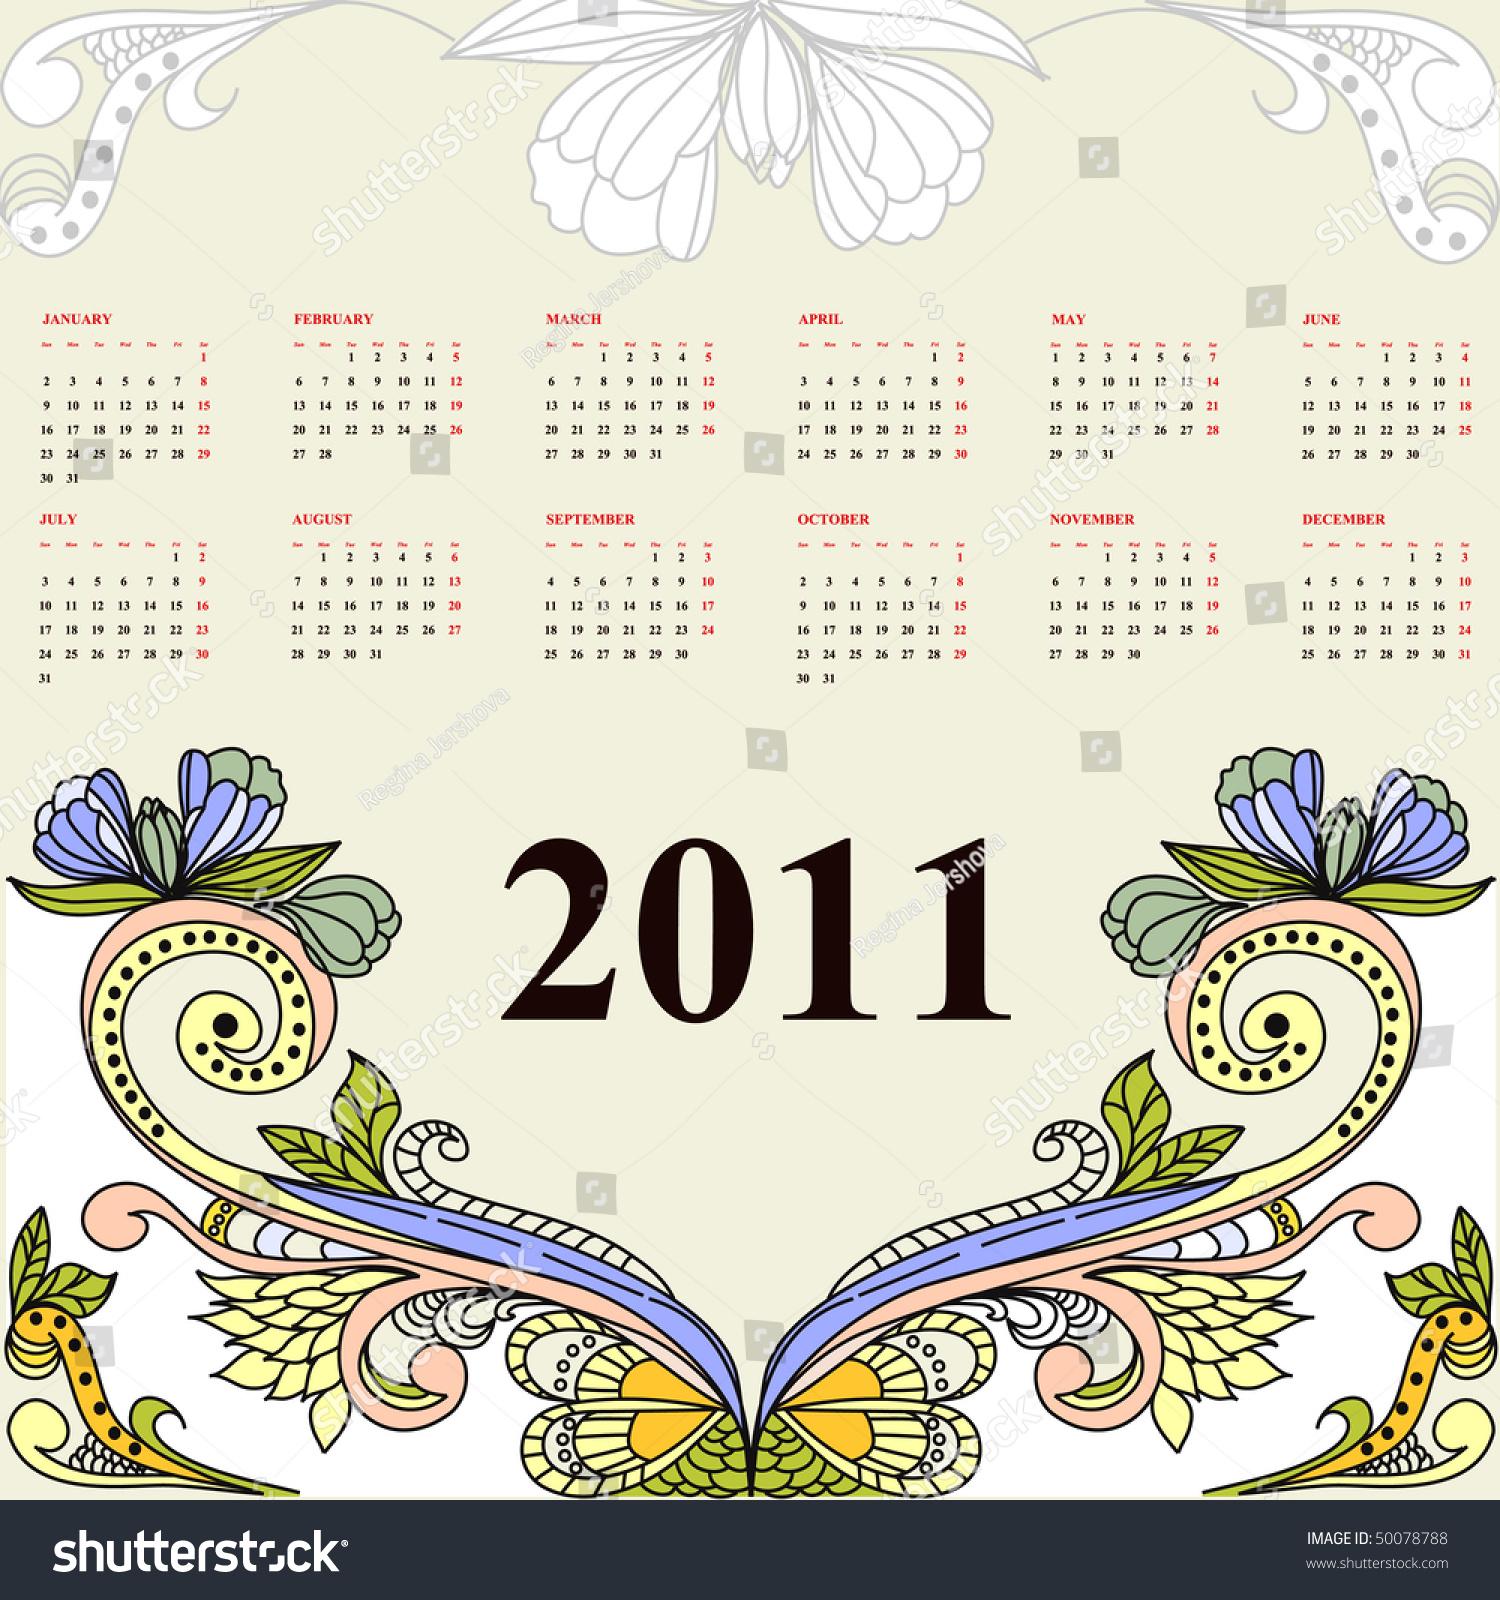 Calendar Vintage Vector : Vintage calendar for stock vector illustration